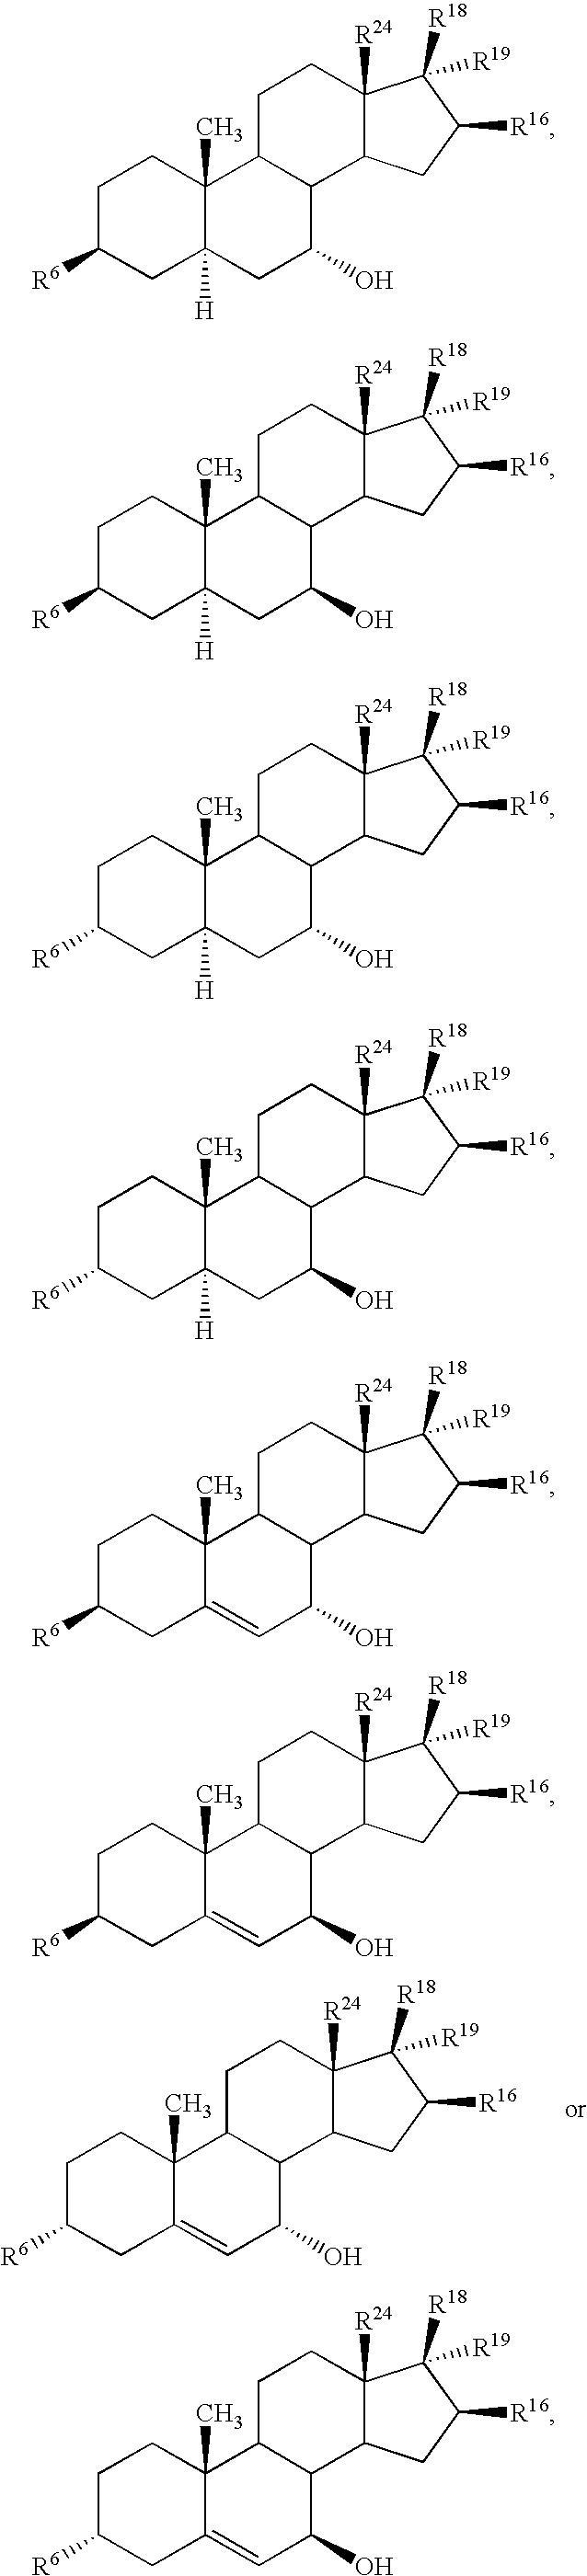 Figure US07863261-20110104-C00040